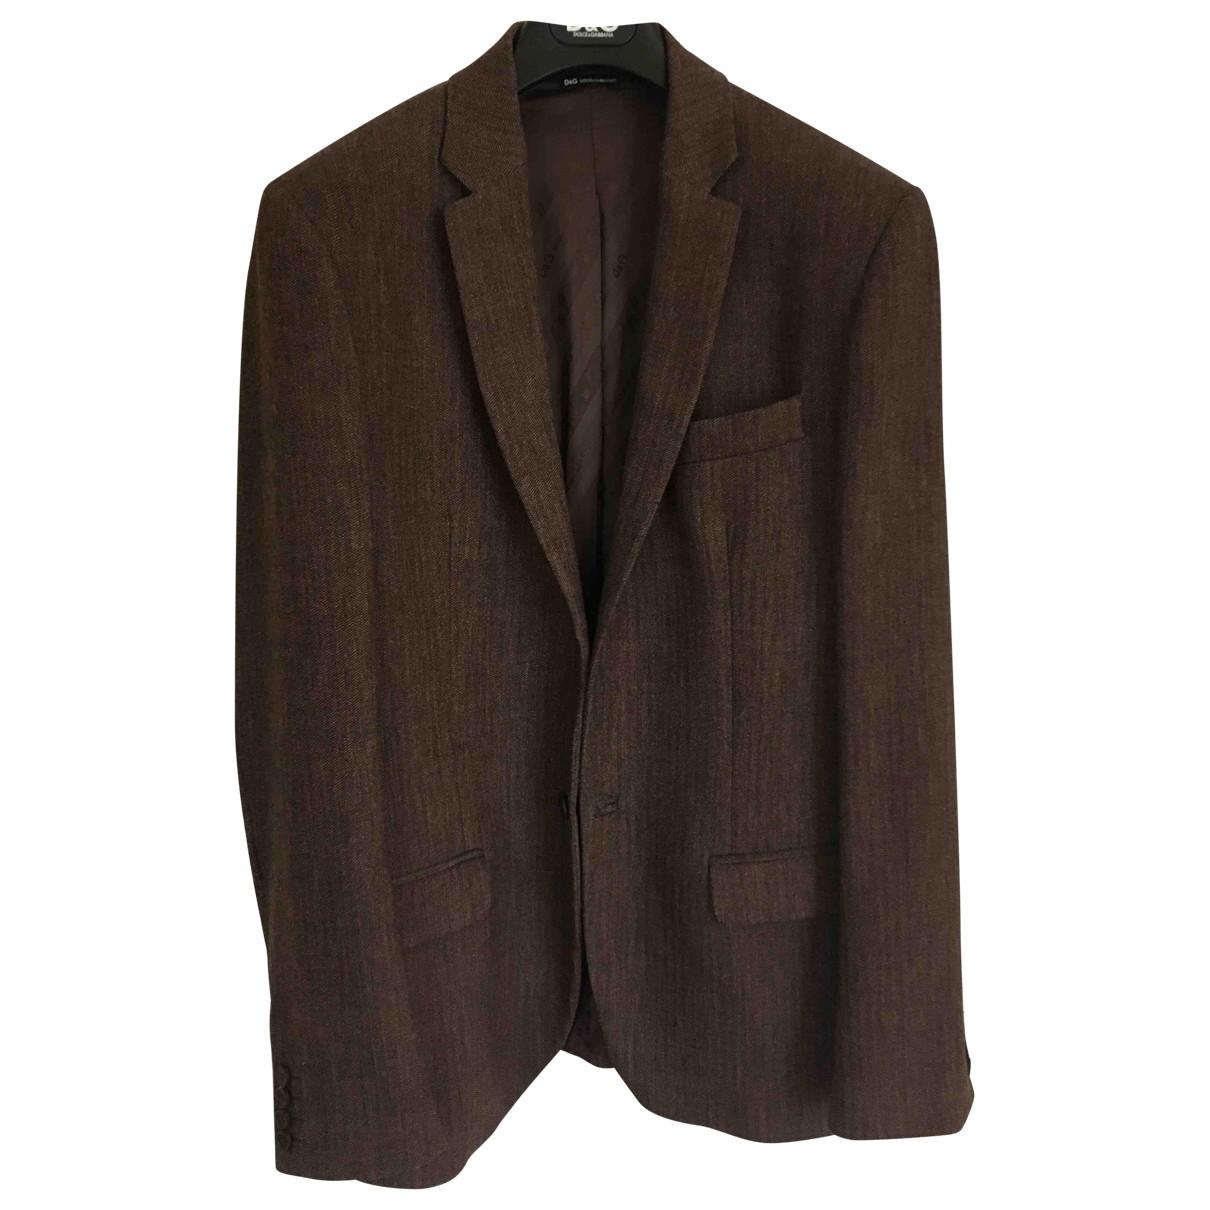 D&g - Vestes.Blousons   pour homme en laine - marron